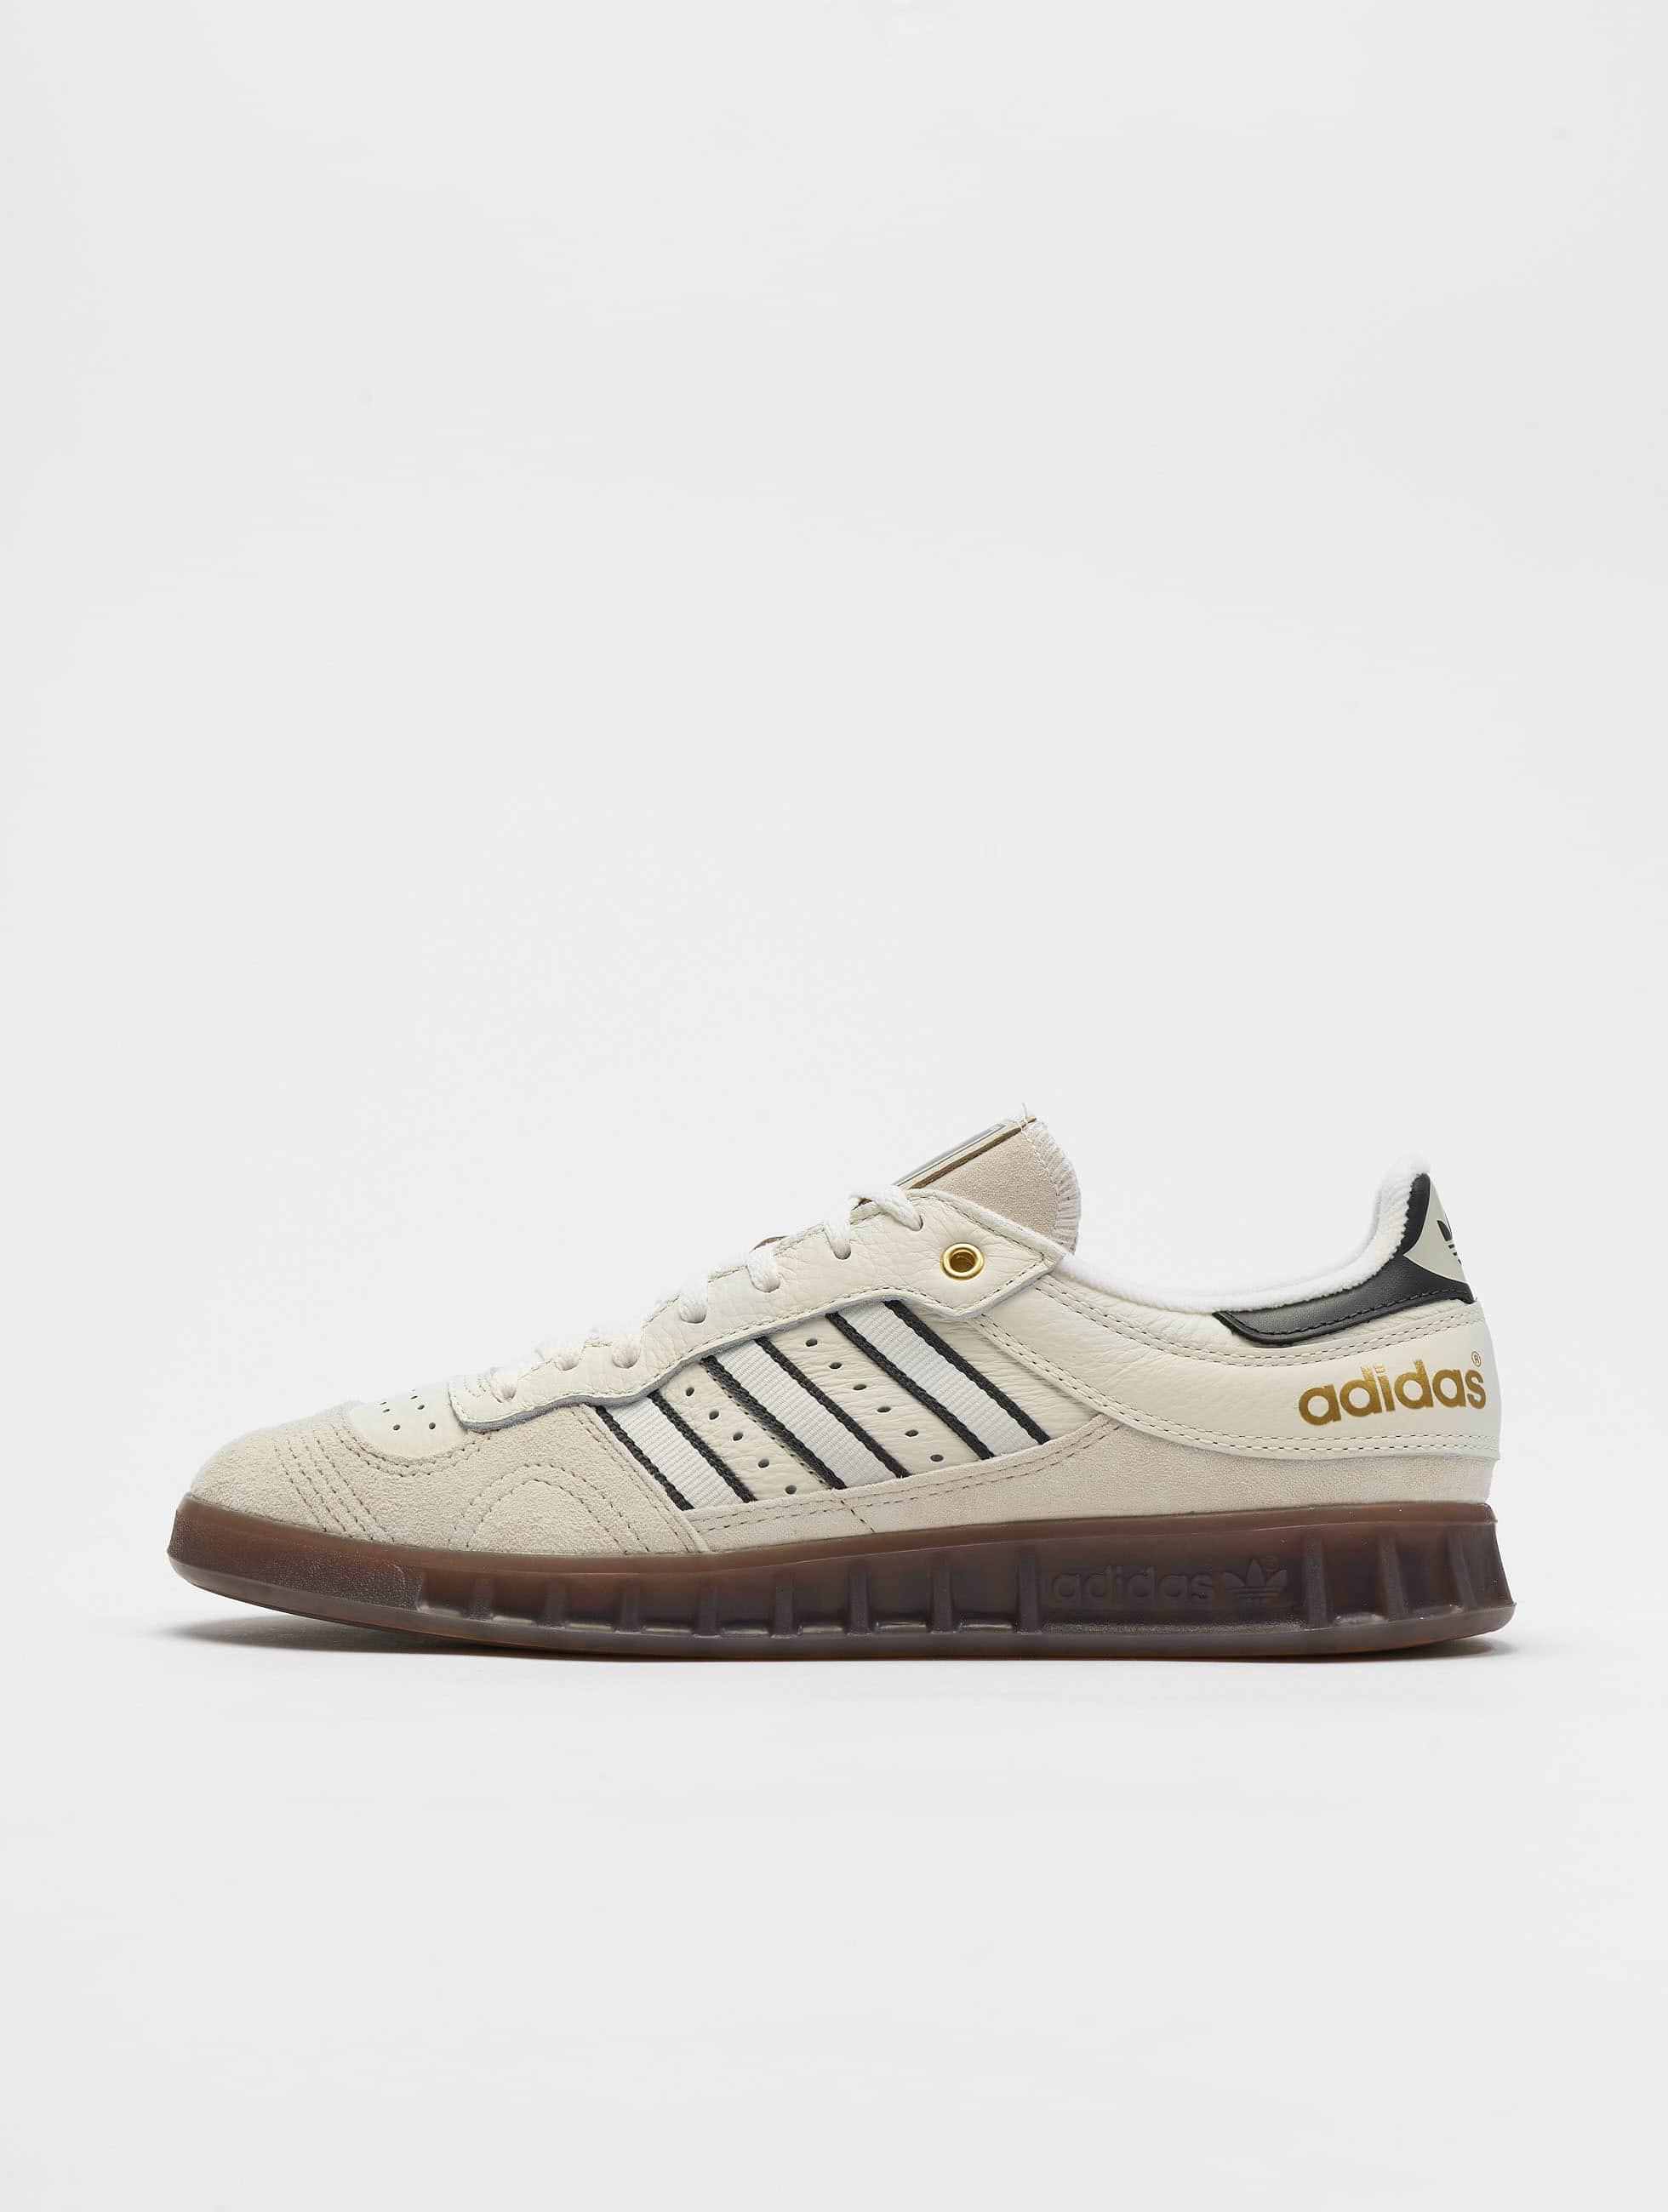 b7c2482452f adidas originals schoen / sneaker Handball Top in wit 671524